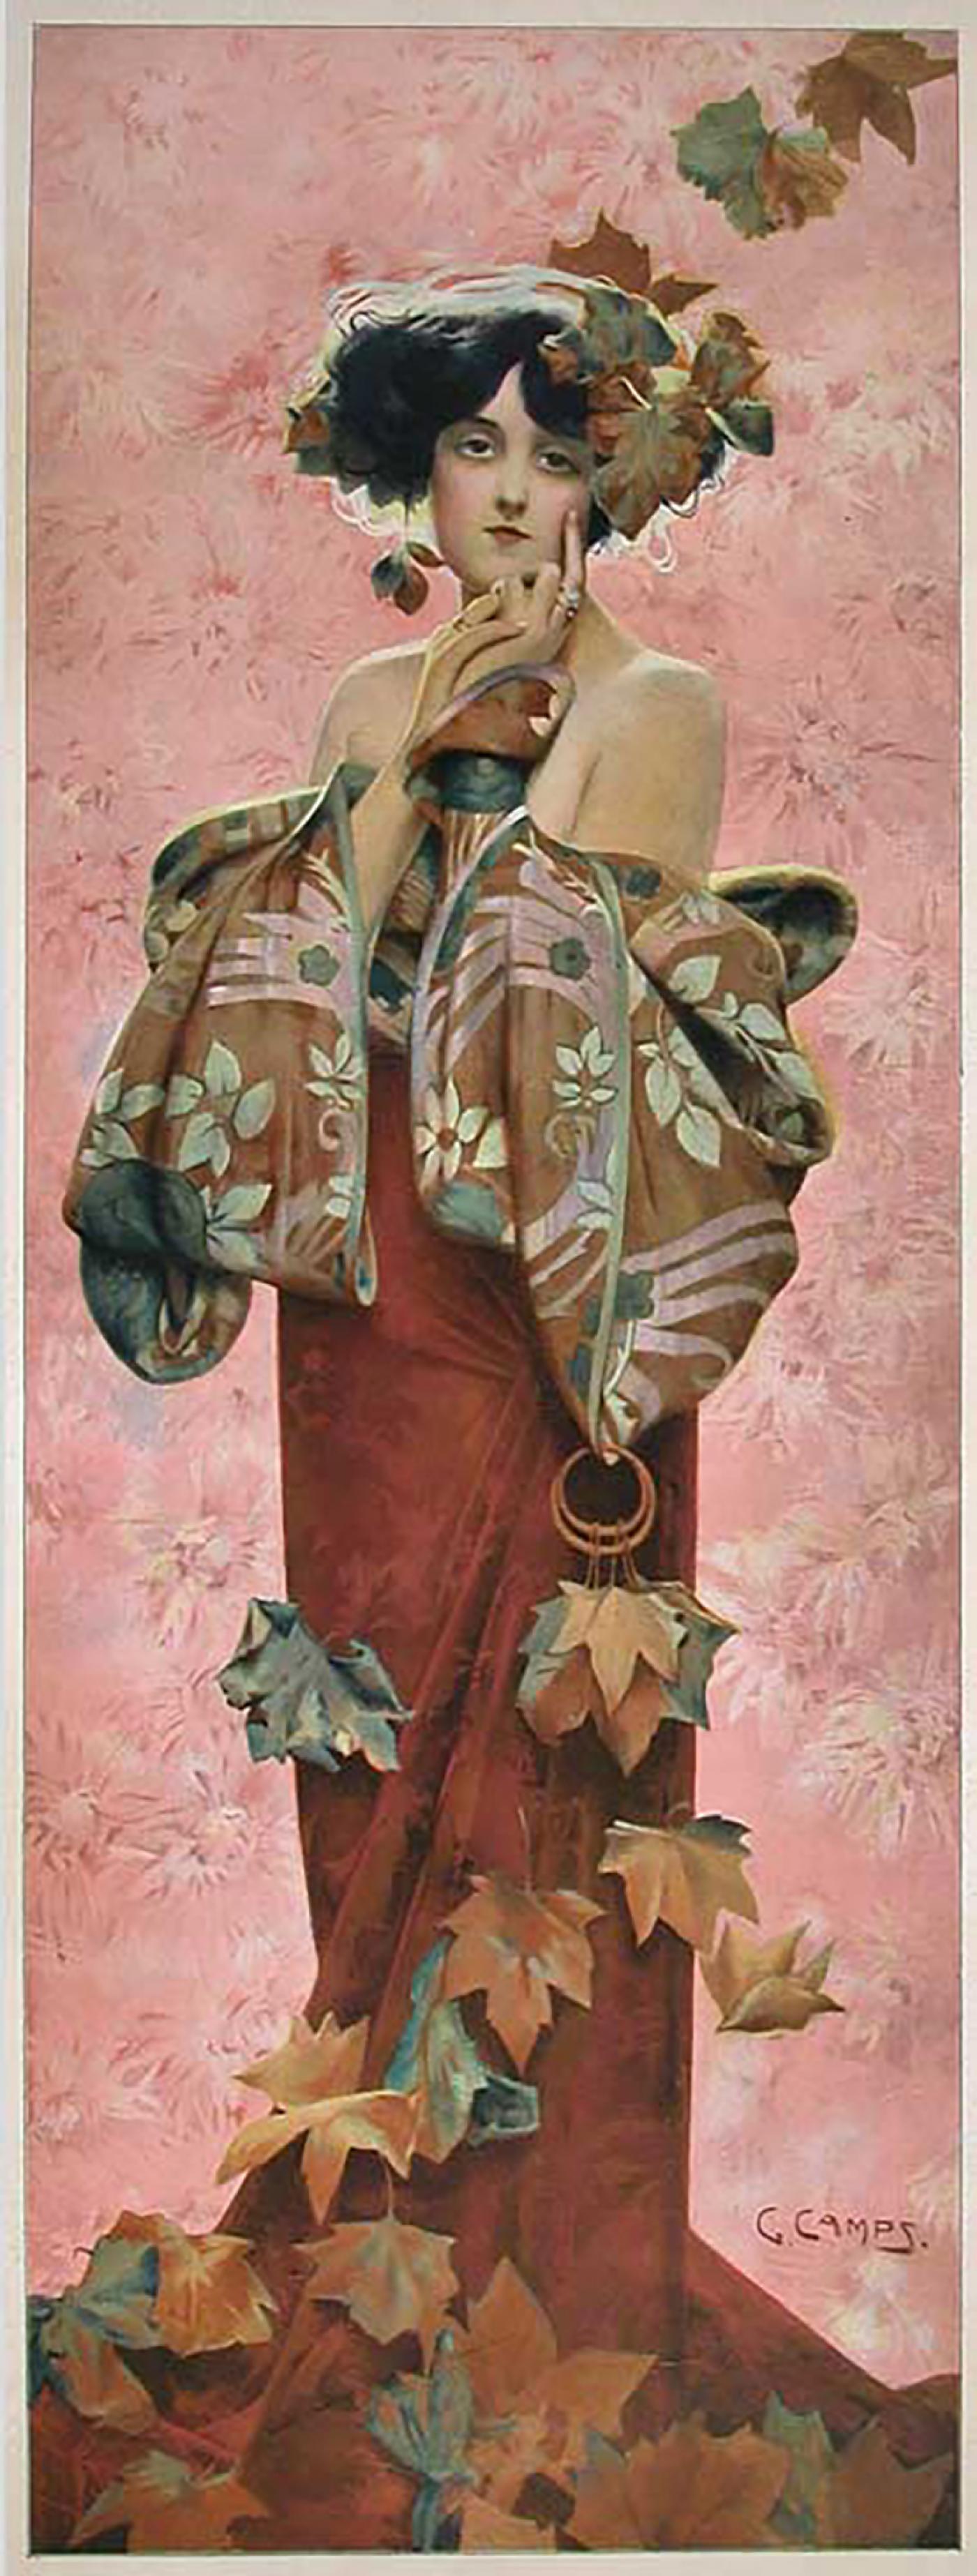 Gaspar Camps Fall A French Art Nouveau Period